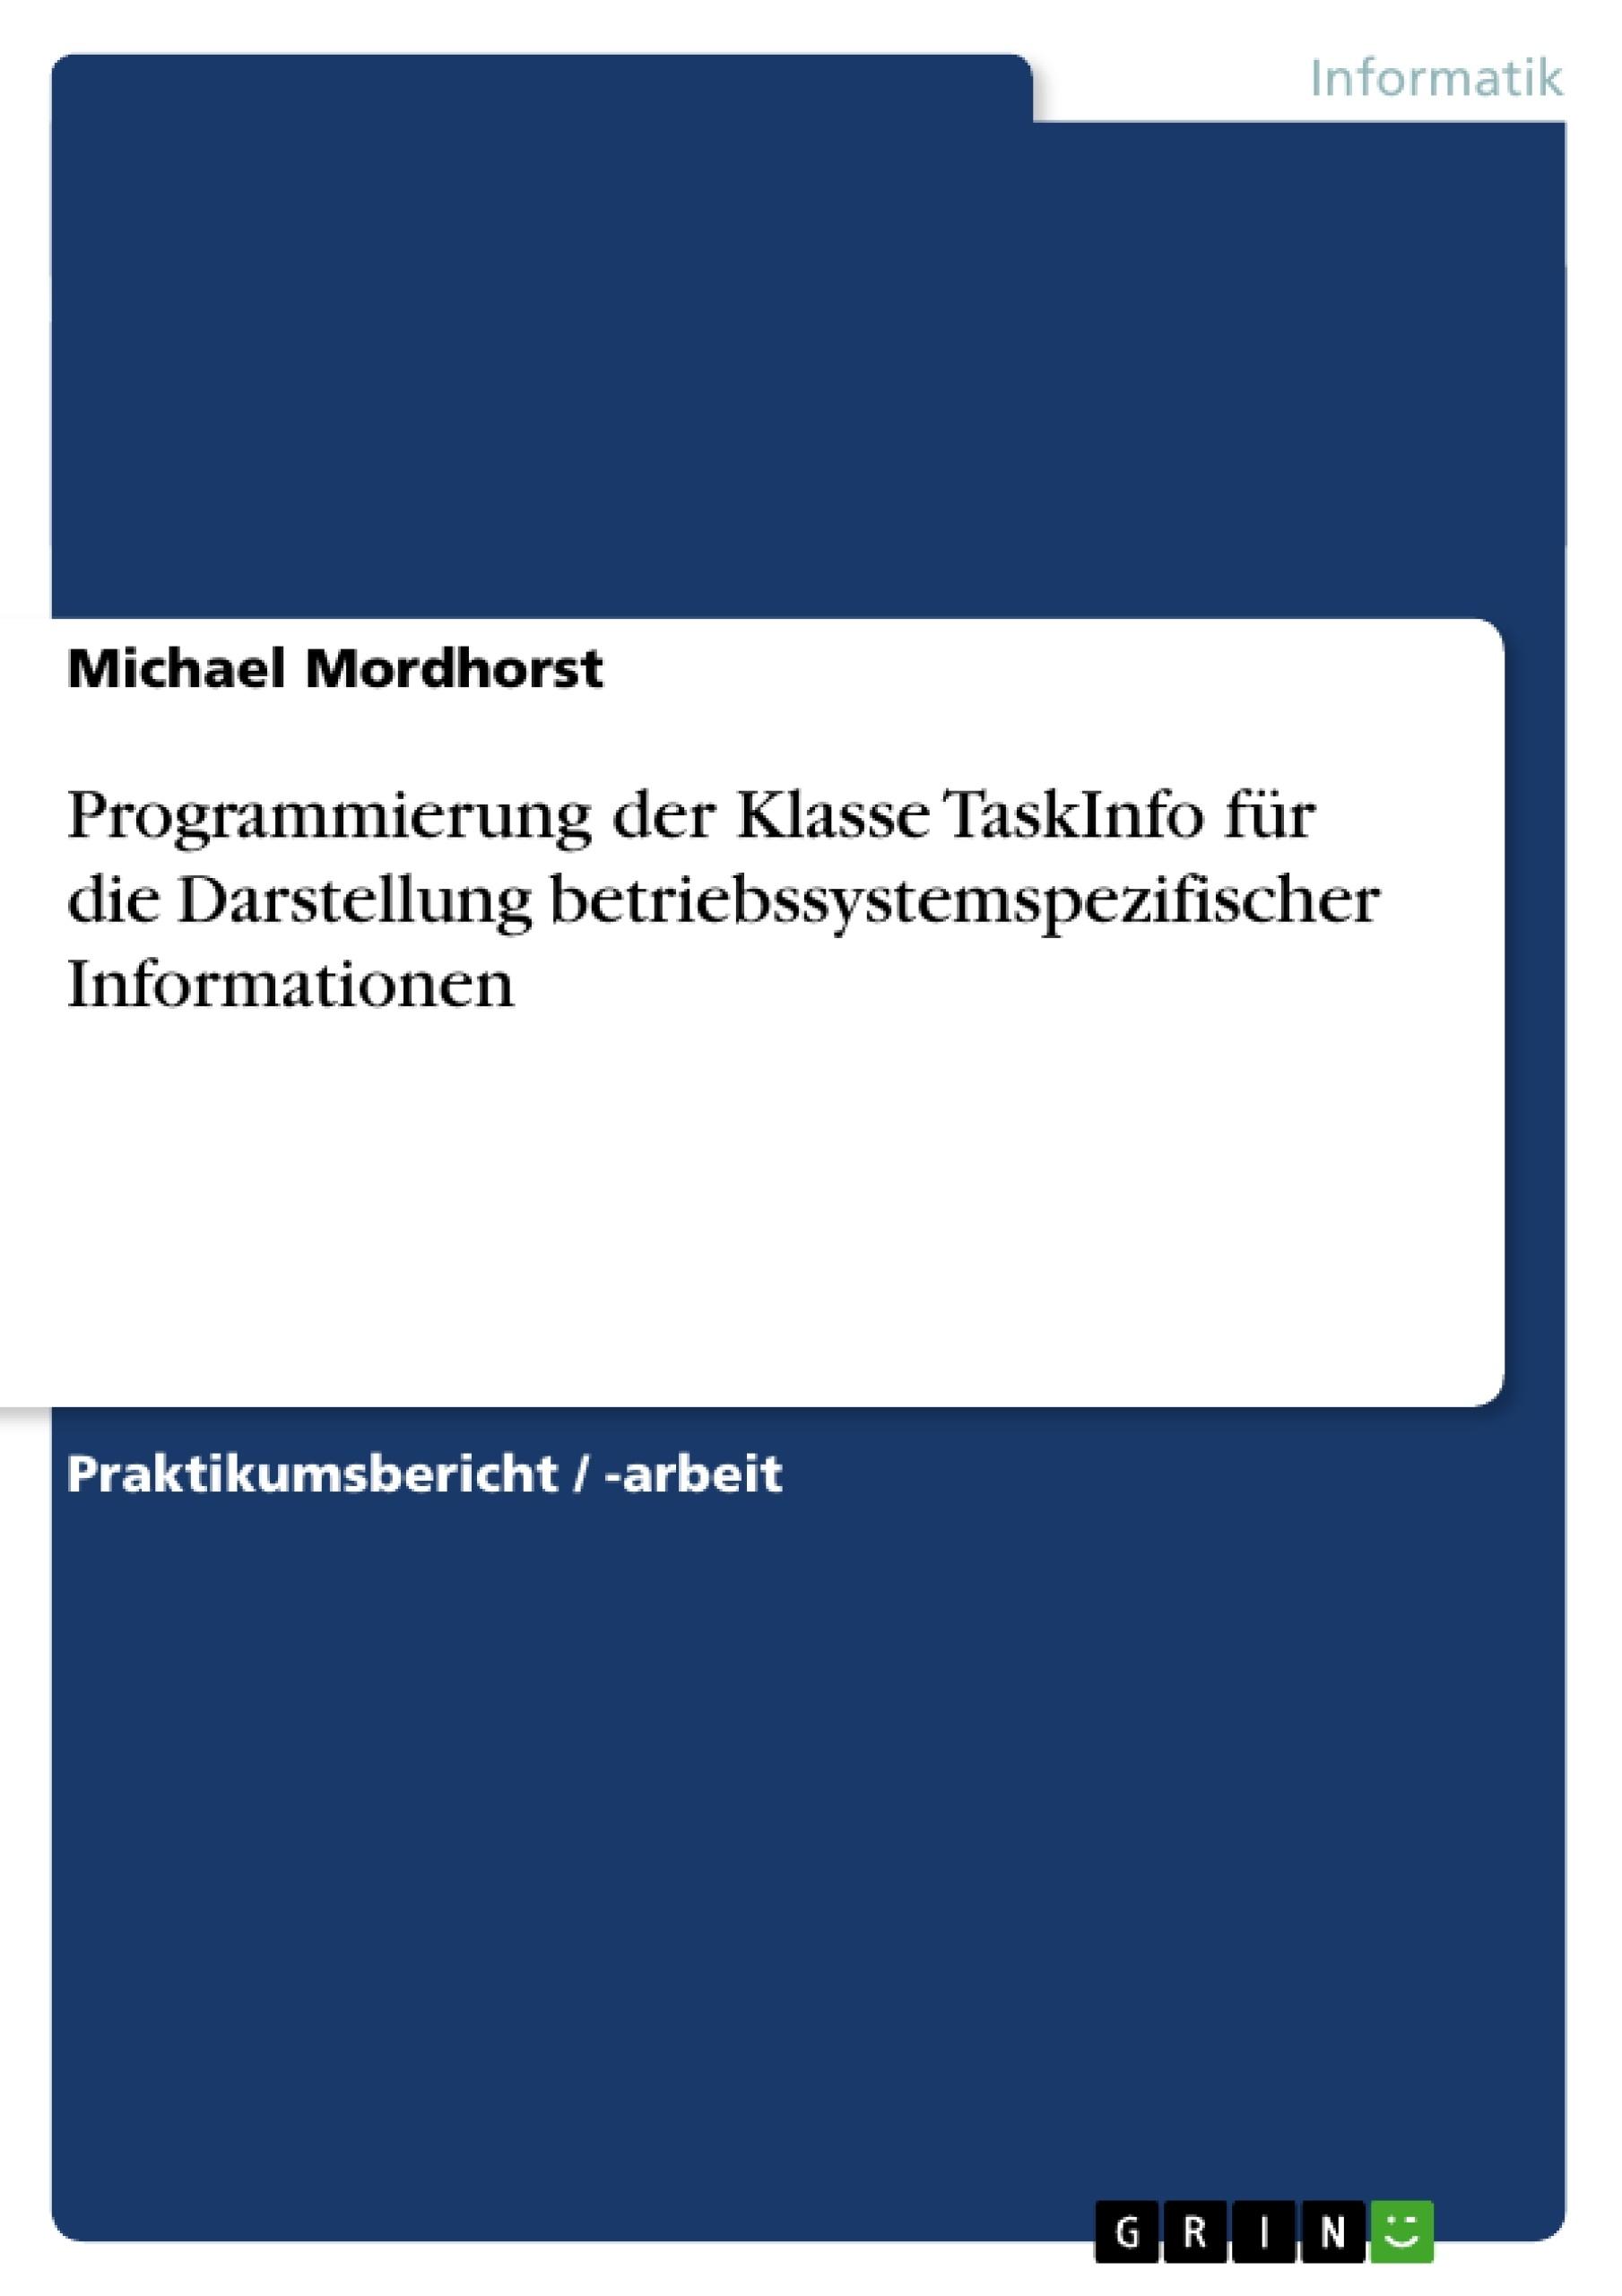 Titel: Programmierung der Klasse TaskInfo für die Darstellung betriebssystemspezifischer Informationen